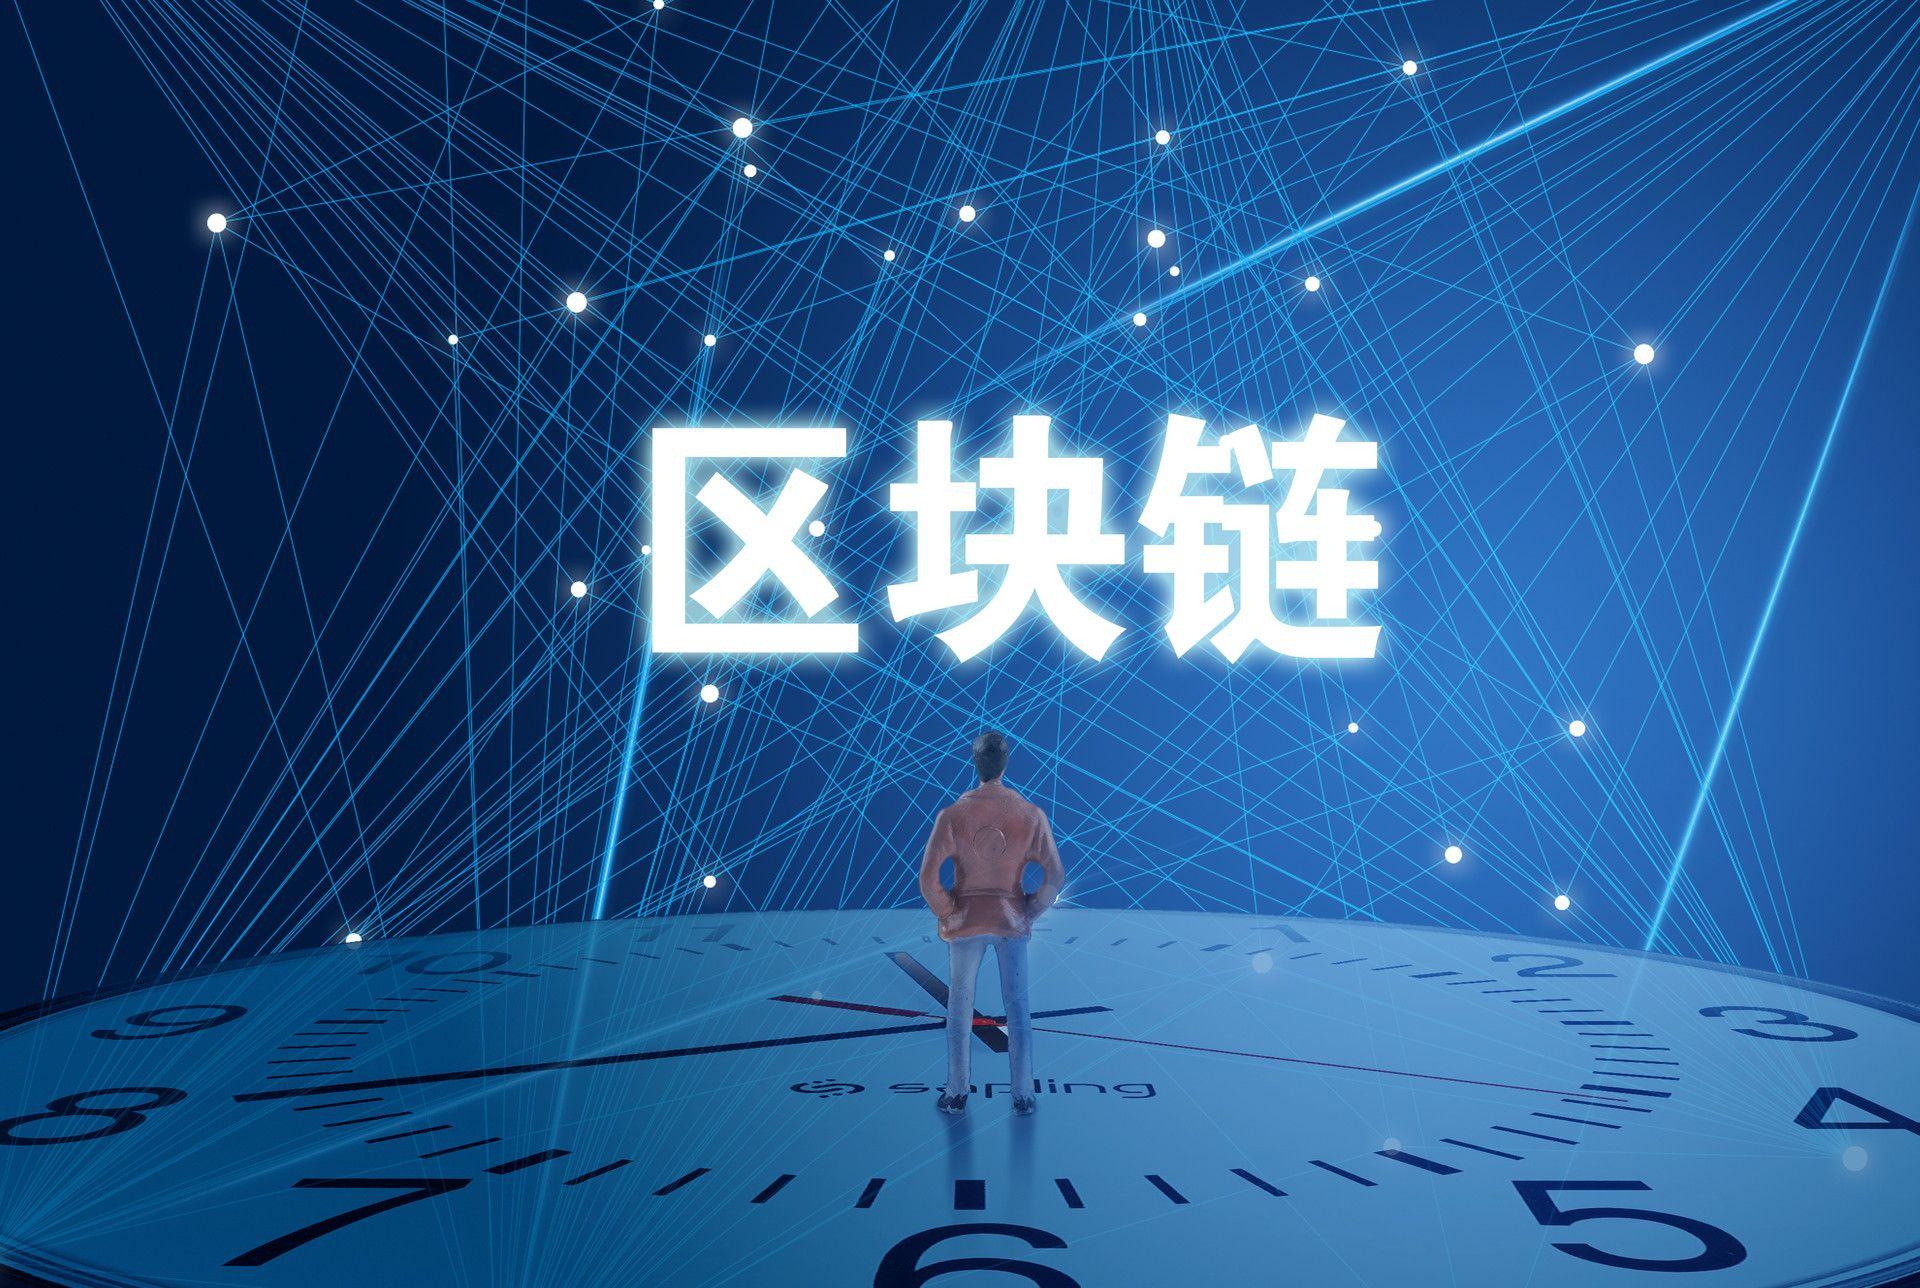 区块链和人工智能相结合会发生什么呢?区块链技术应用